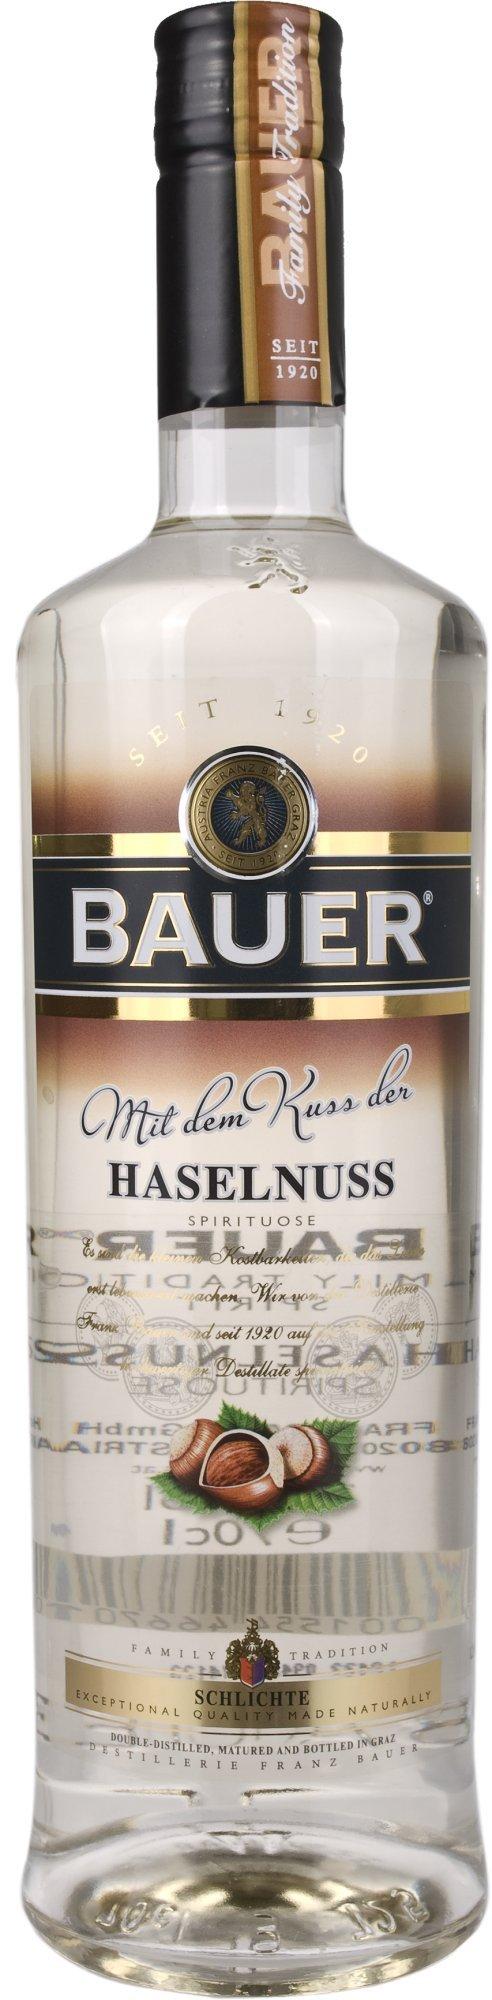 Bauer-Kuss-der-Haselnuss-33-Vol-07-l